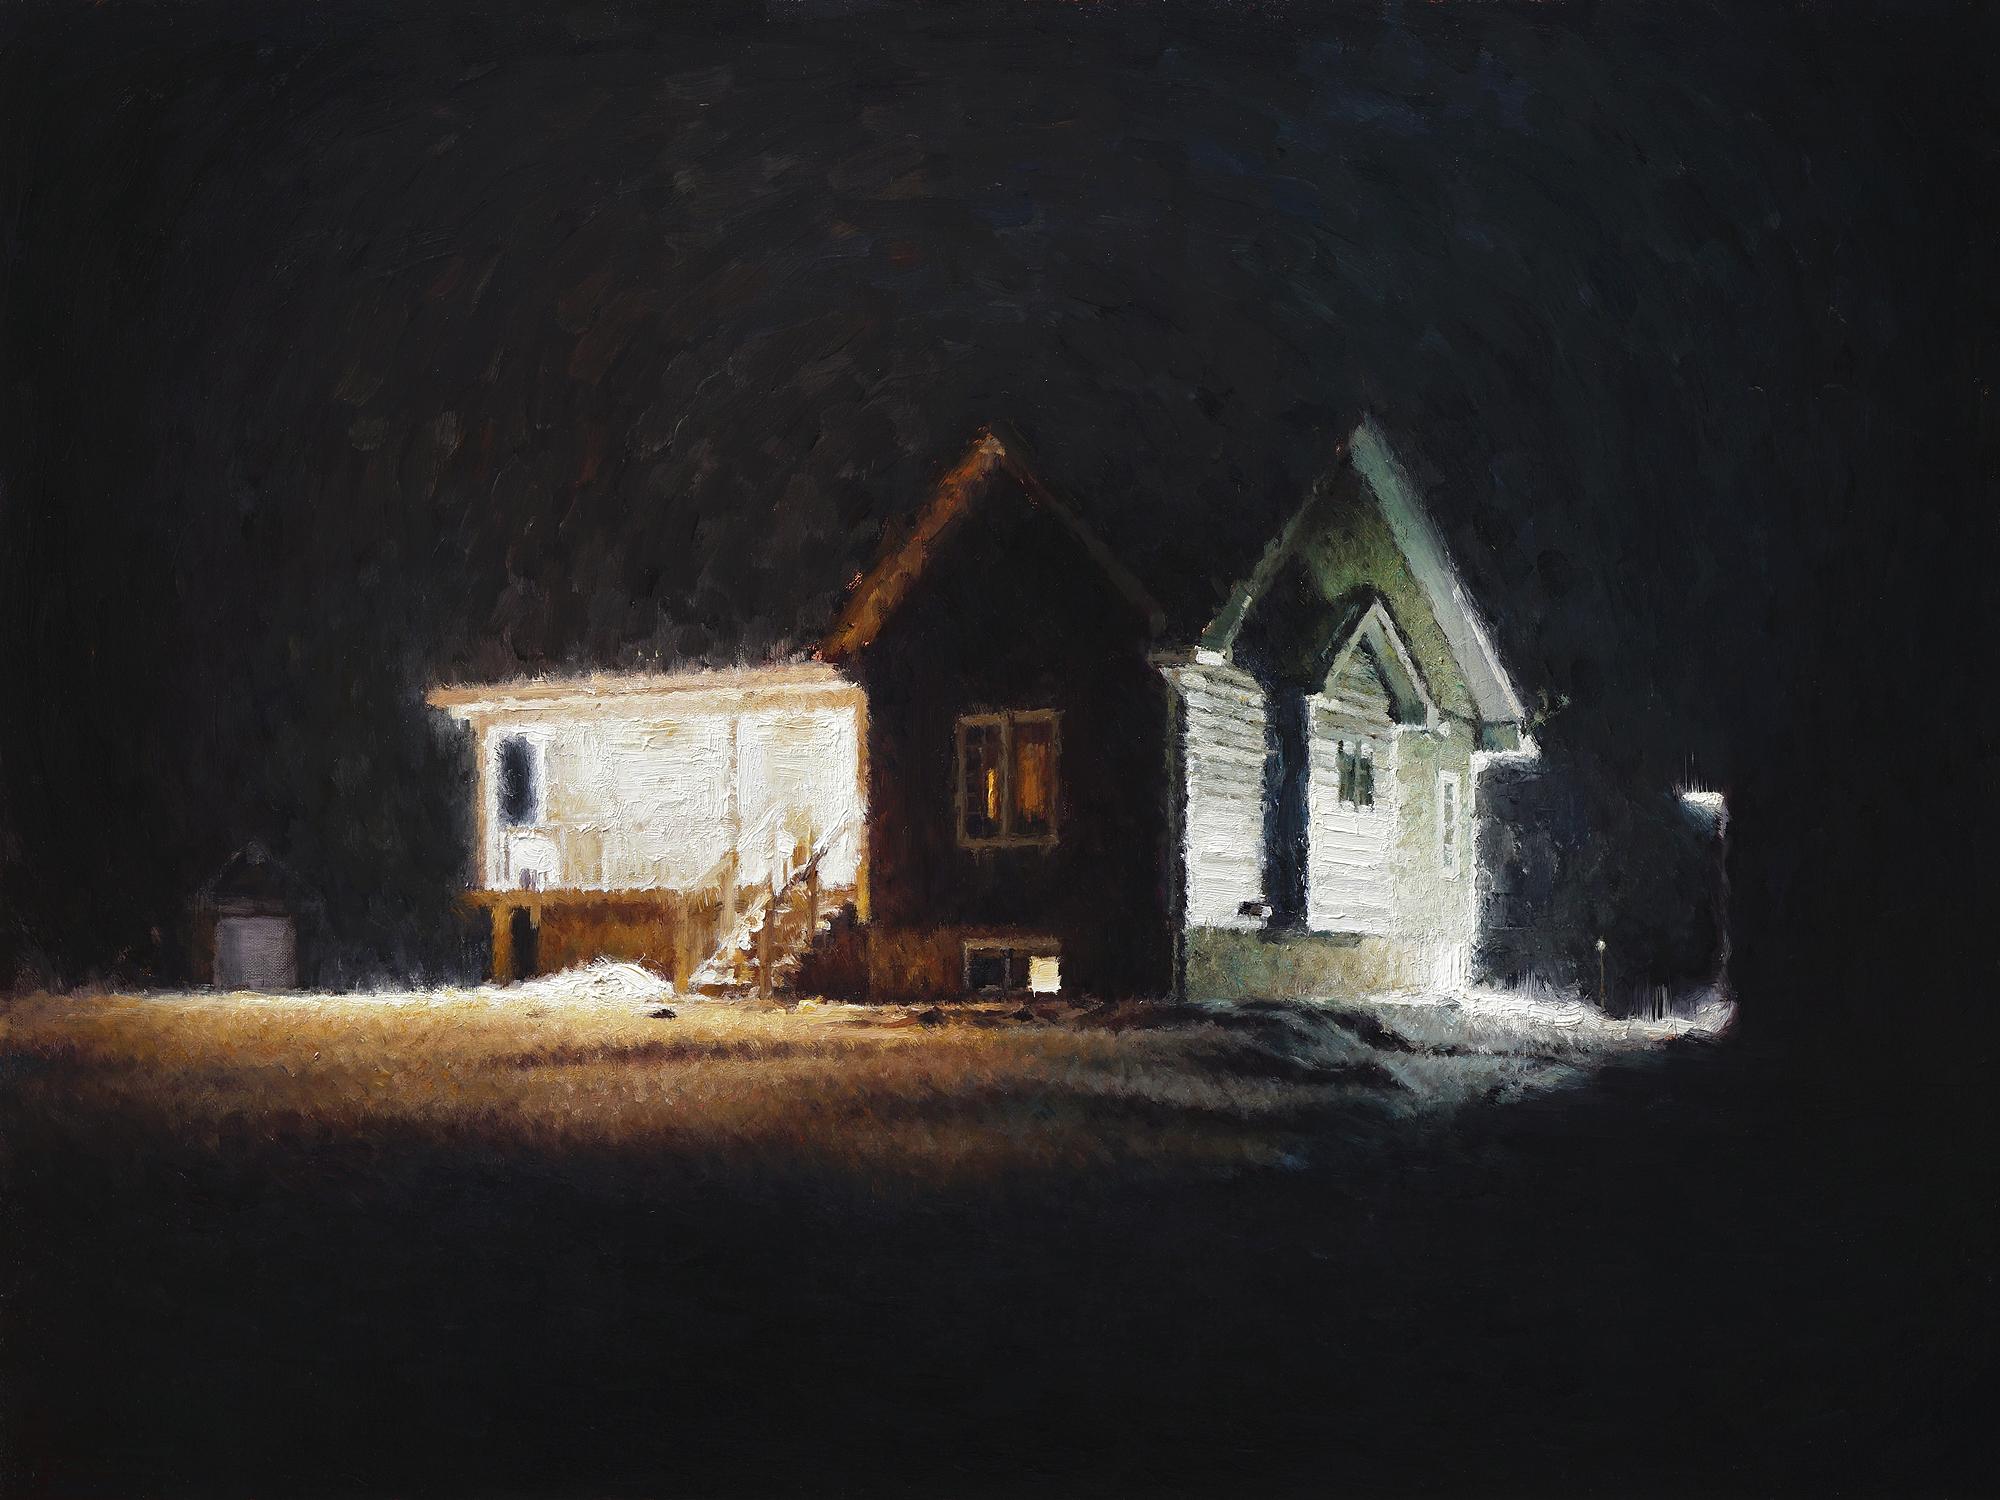 Night House 2-45,7cm:60,9cm-Nicolas Martin-2015.jpg